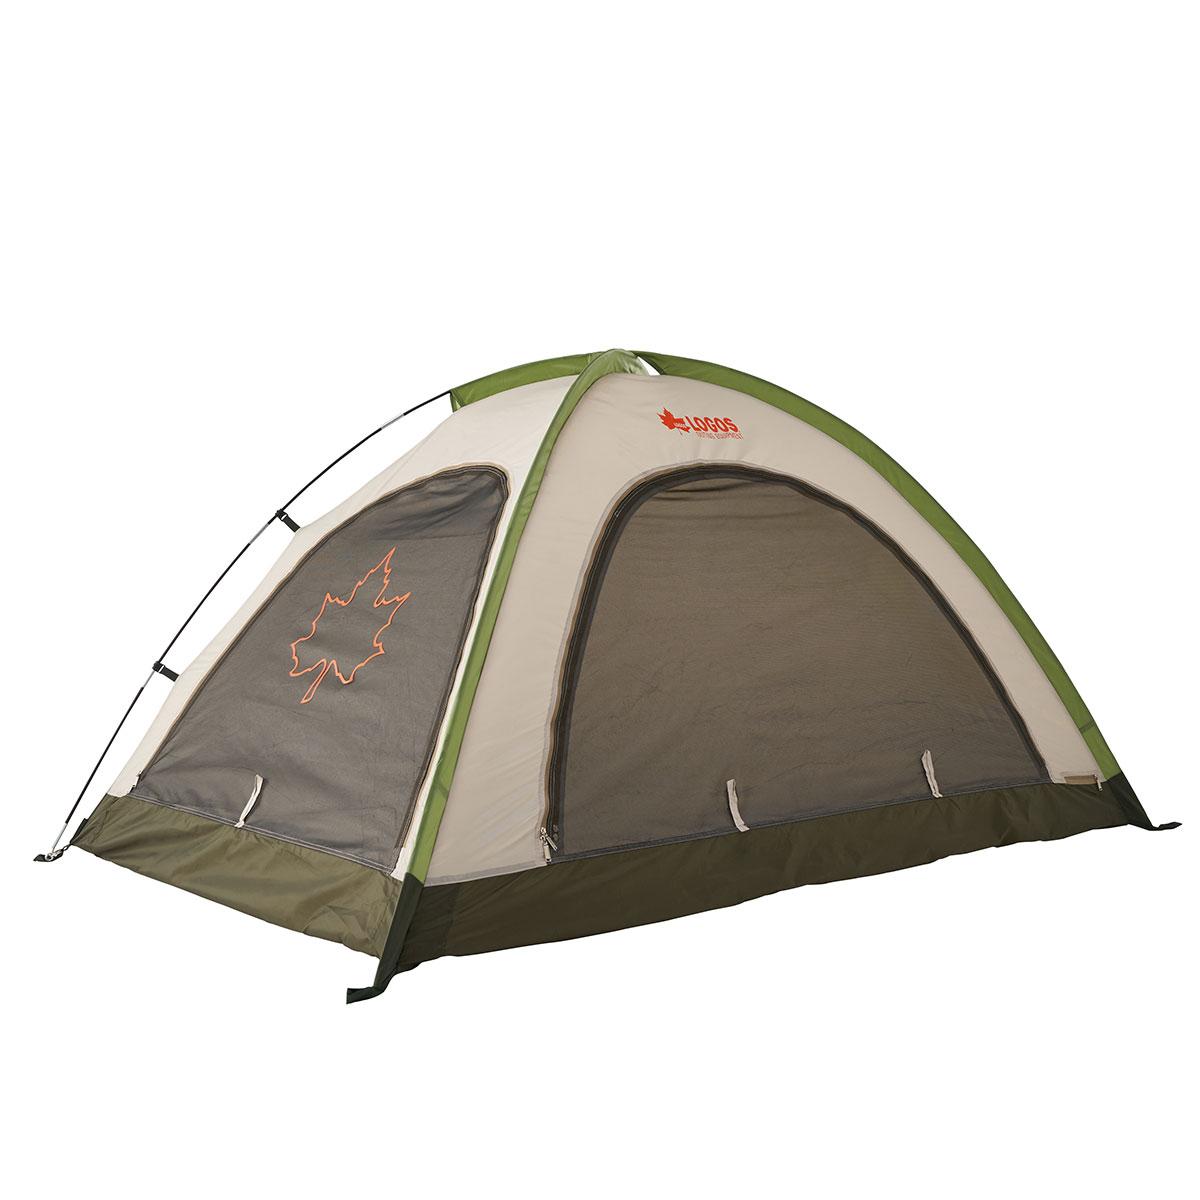 ロゴス(LOGOS) キャンプ用テント(3~5人用) 2ドアルームテント DUO-BJ 71805554 テント タープ キャンプ用テント キャンプ アウトドア